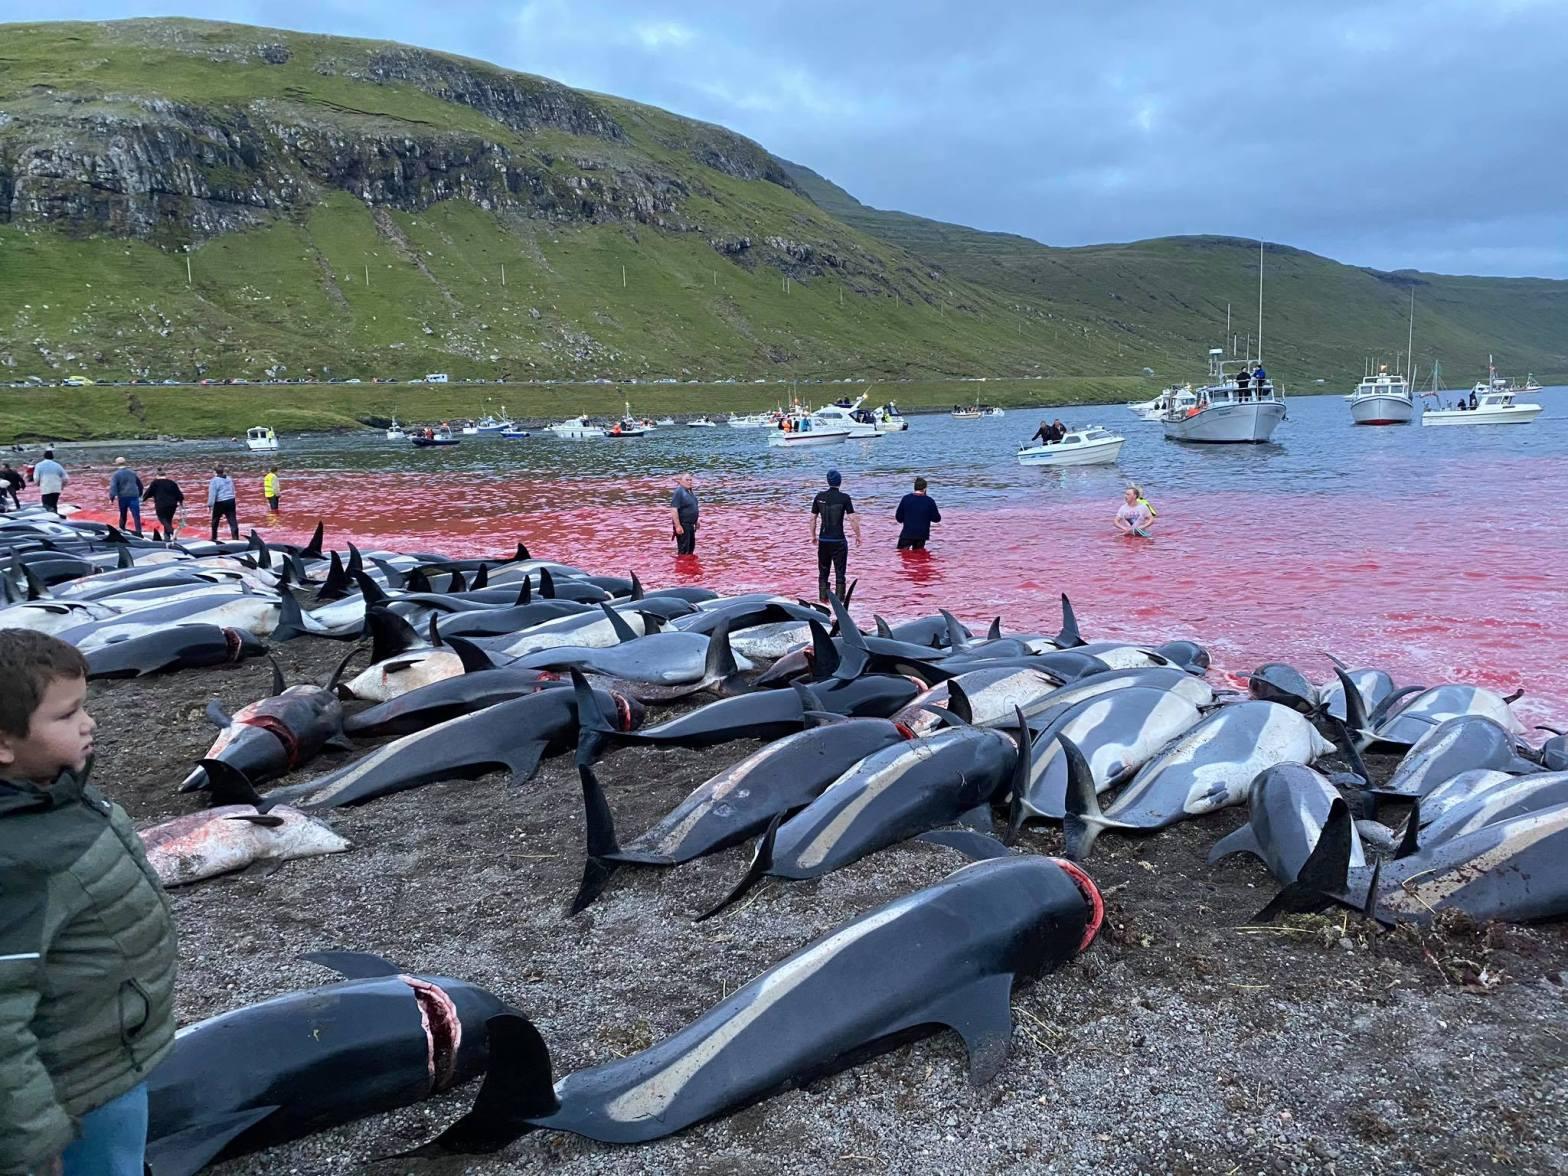 На Фарерских островах убили до 1500 дельфинов: наибольшее количество за историю наблюдений